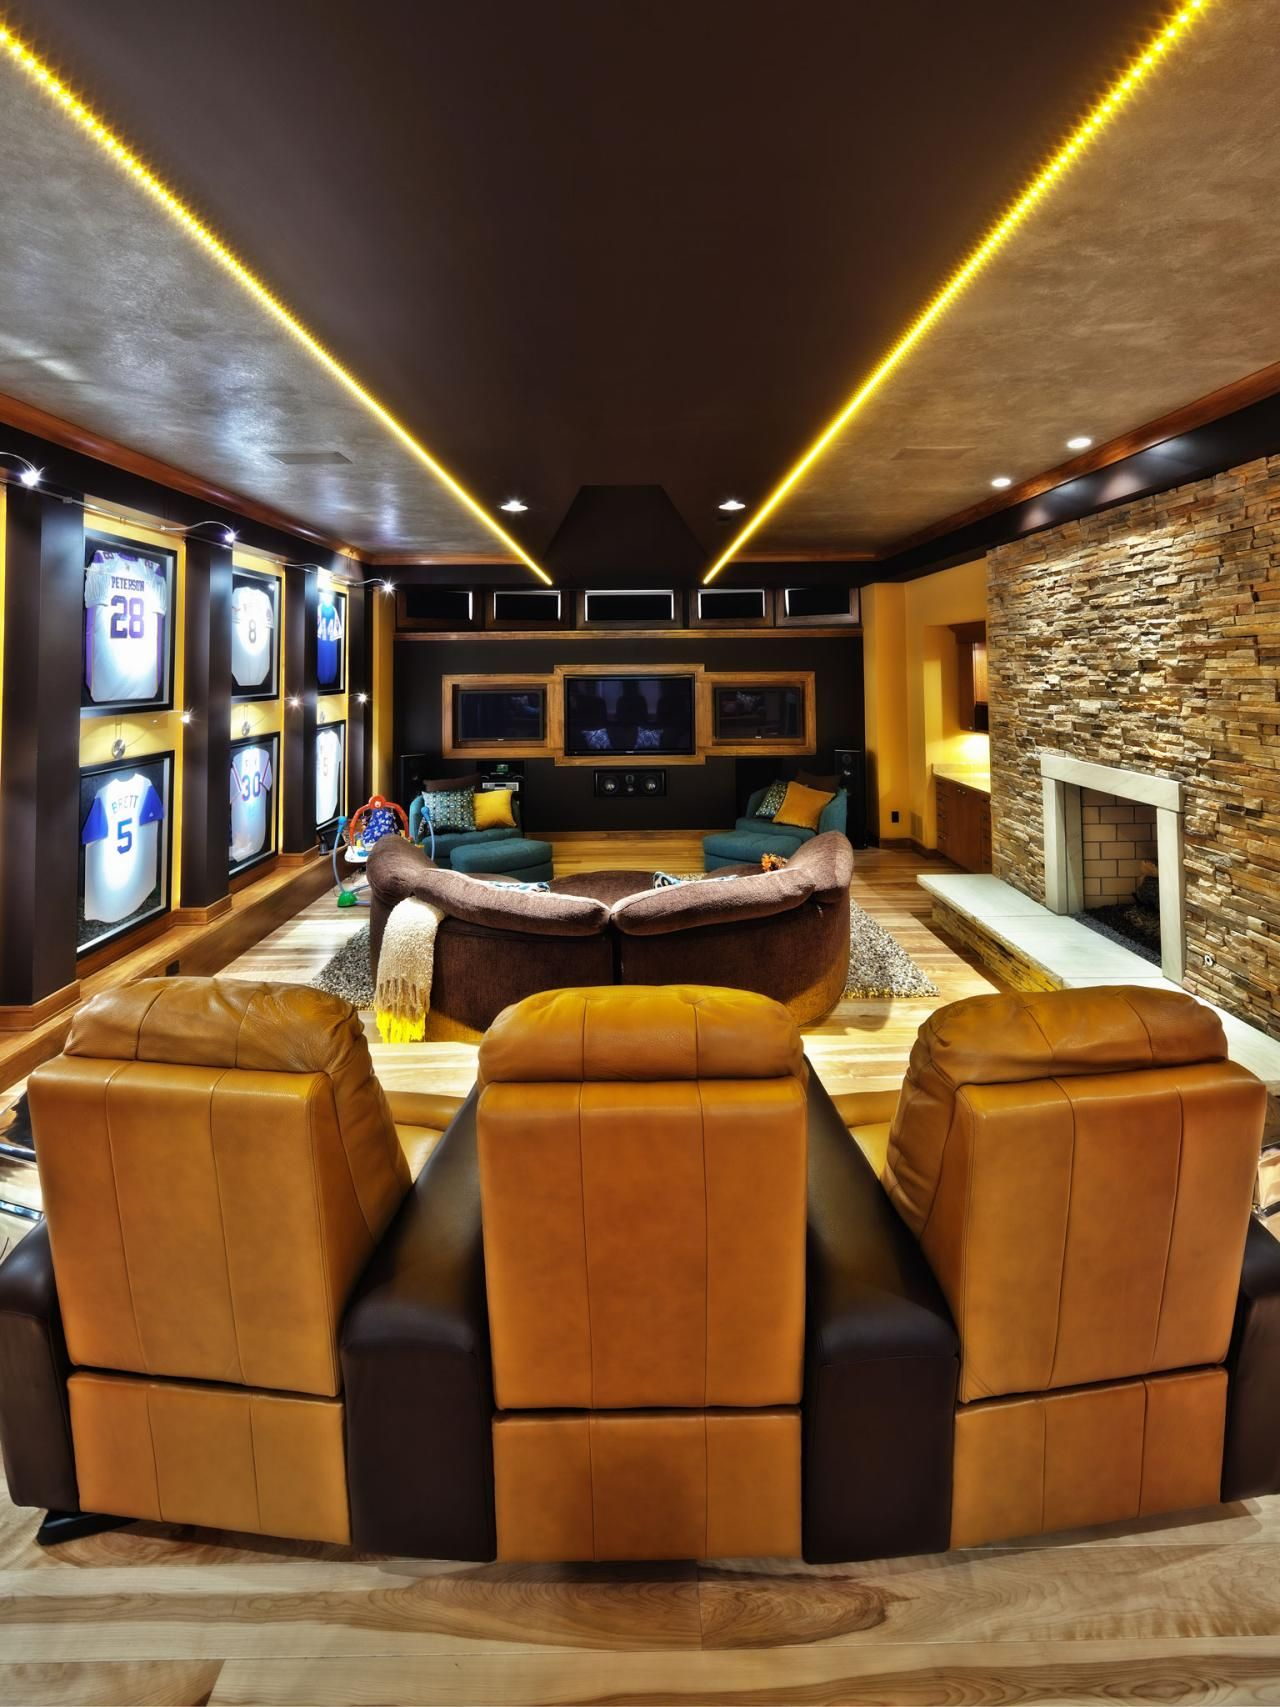 Home hall design-ideen  best man höhlen ideen und designs für  dekofeiernub